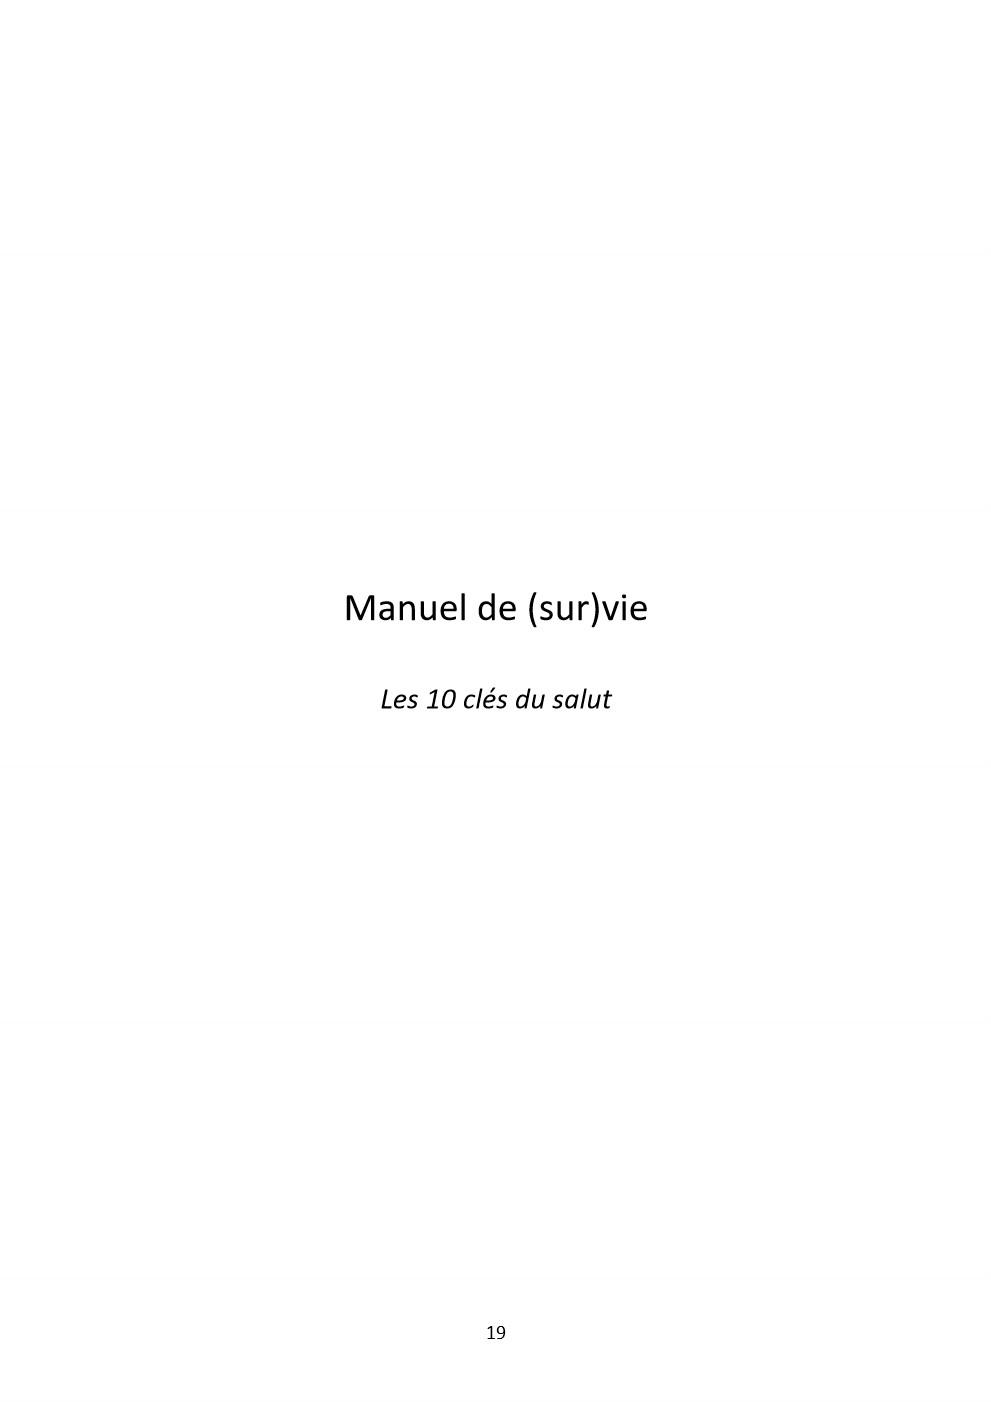 manuel de survie19